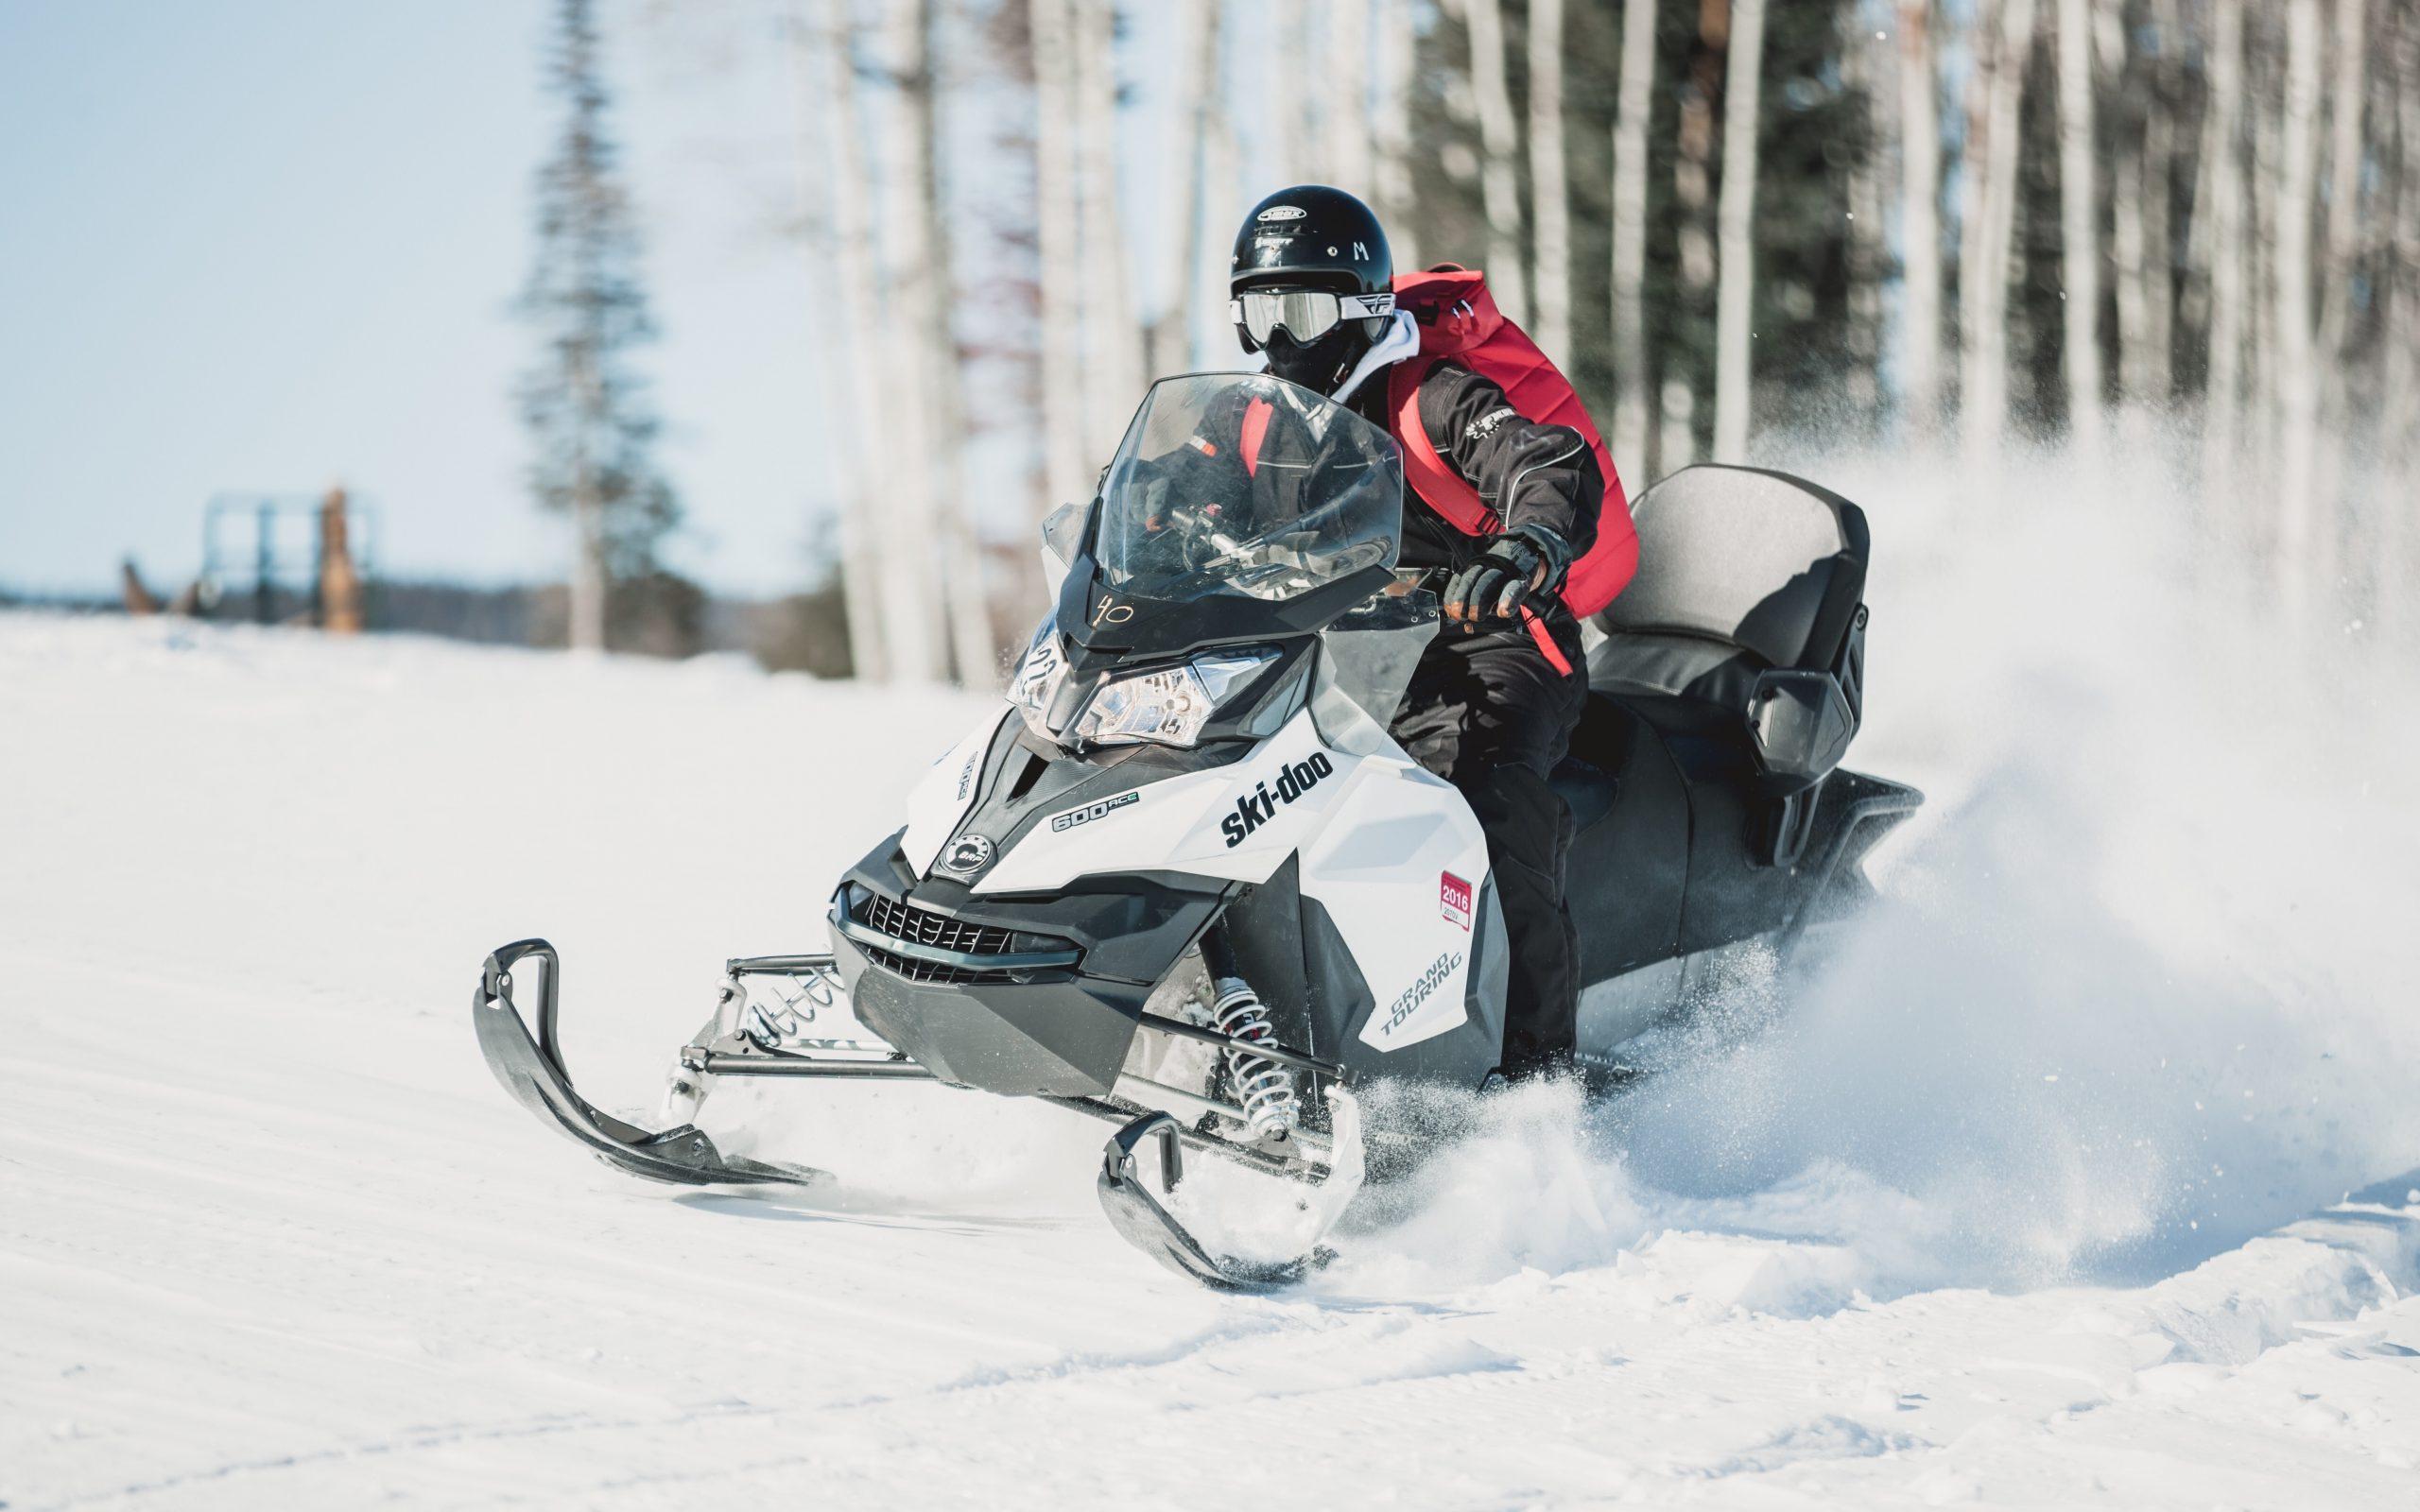 Førerkort for snøscooter Klasse S